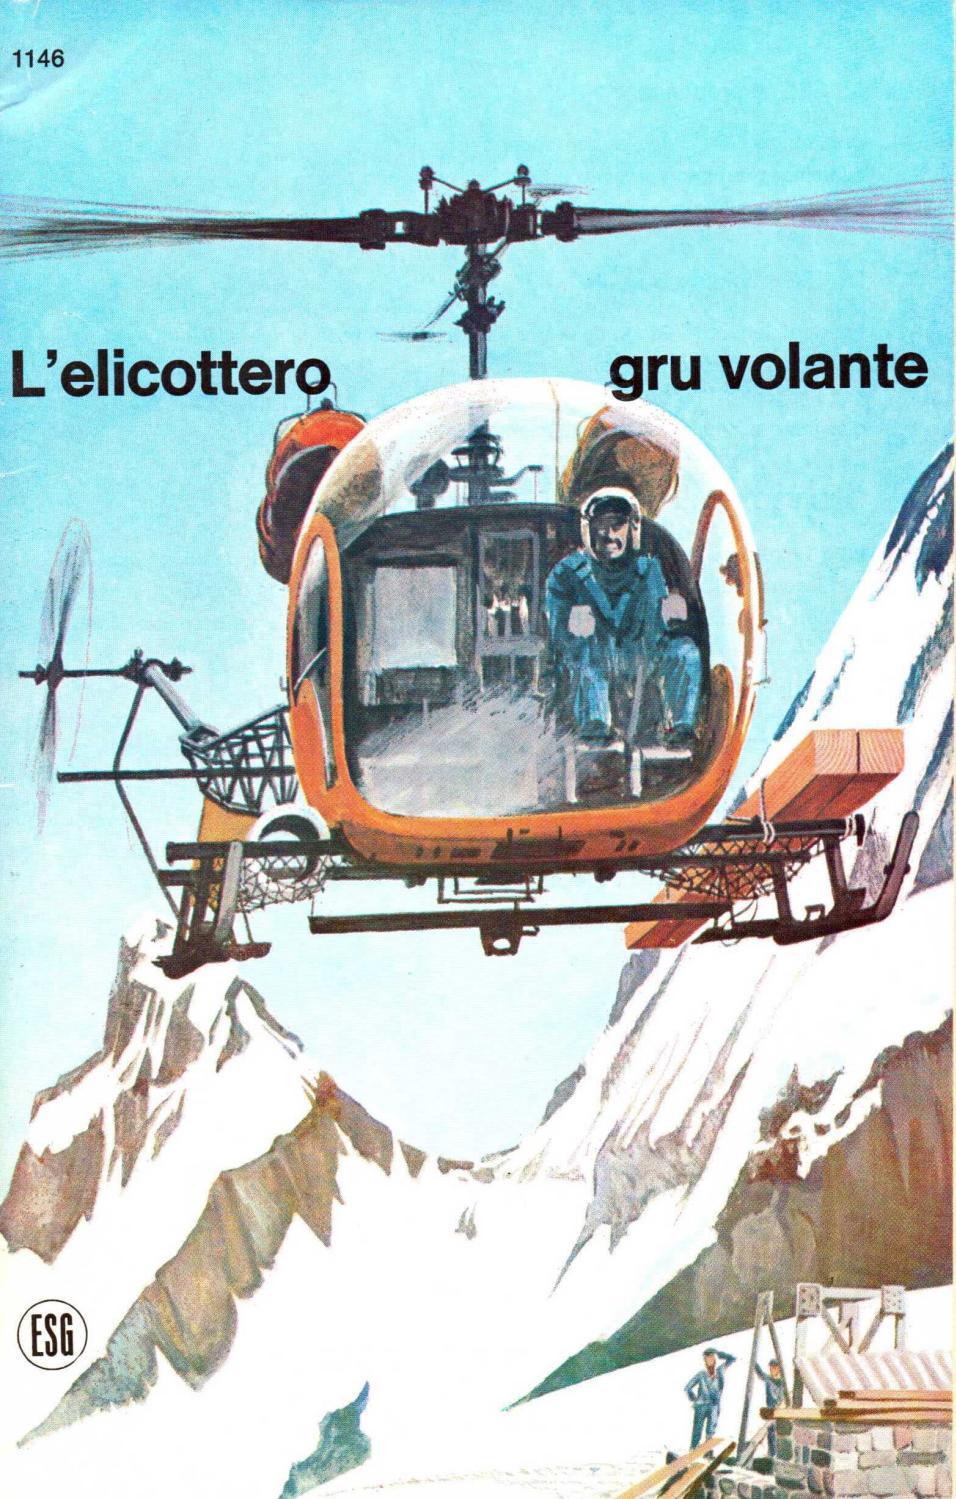 L Elicottero Posizione : L elicottero gru volante by ondeesg issuu